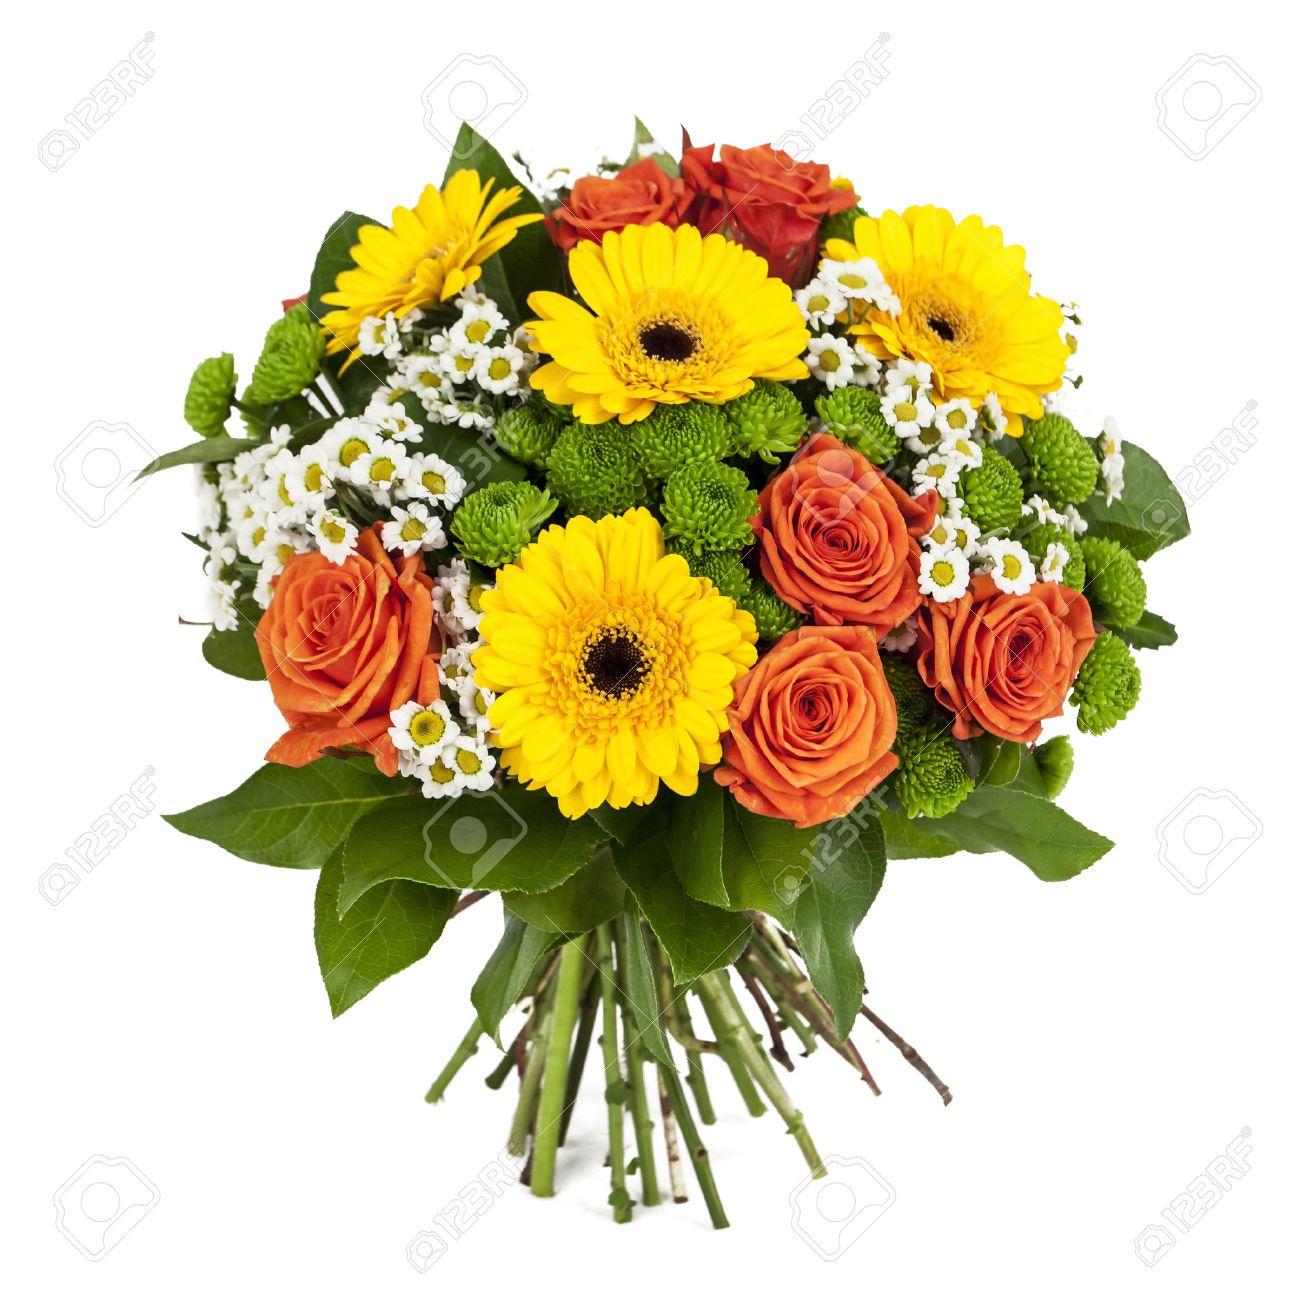 Banque d\u0027images , Bouquet de fleurs jaunes et orange isolé sur fond blanc